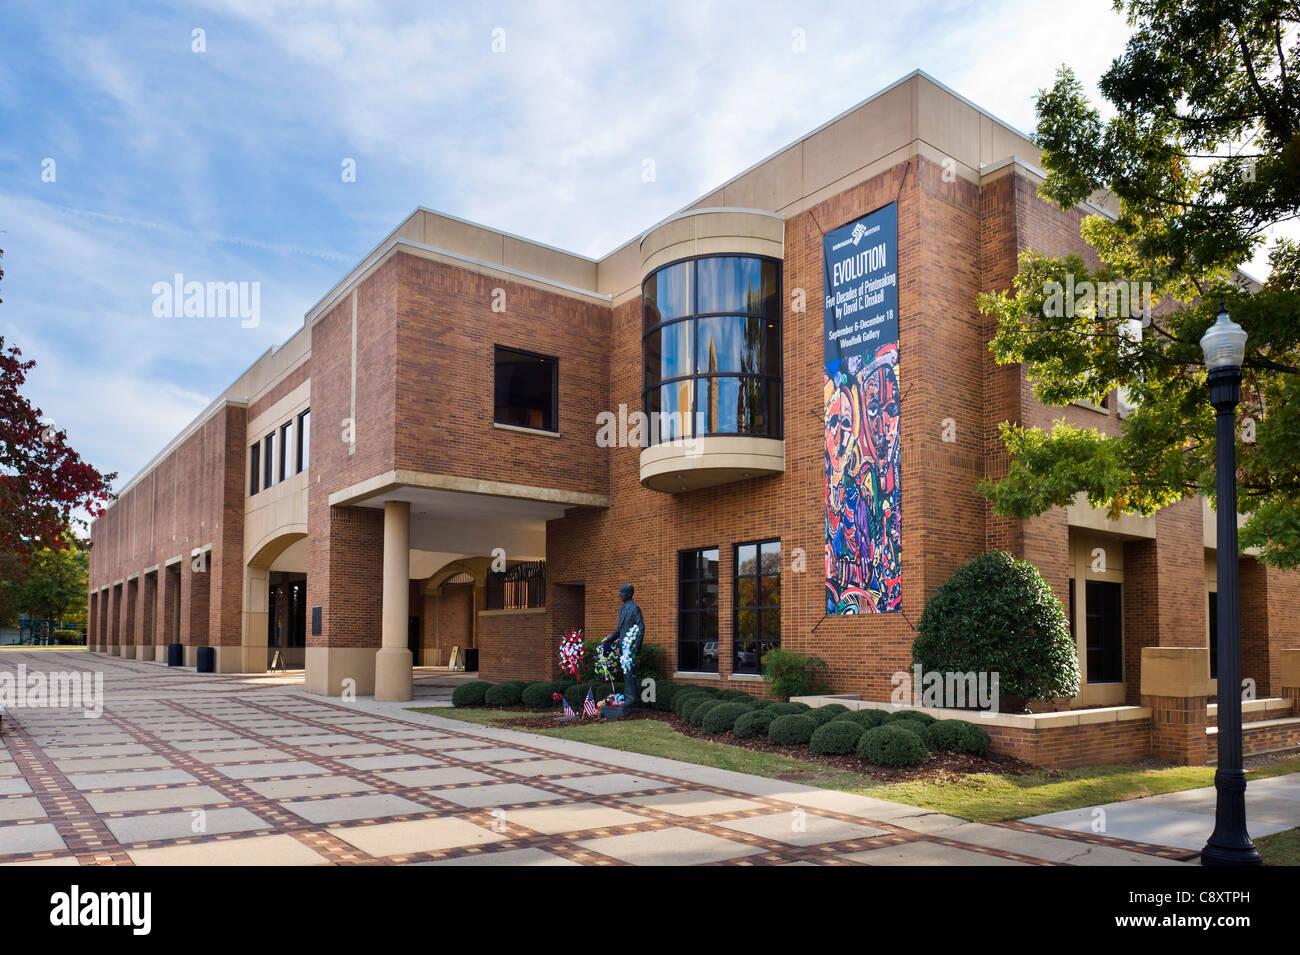 Birmingham Civil Rights Institute, 16th Street North, Civil Rights District, Birmingham, Alabama, USA - Stock Image